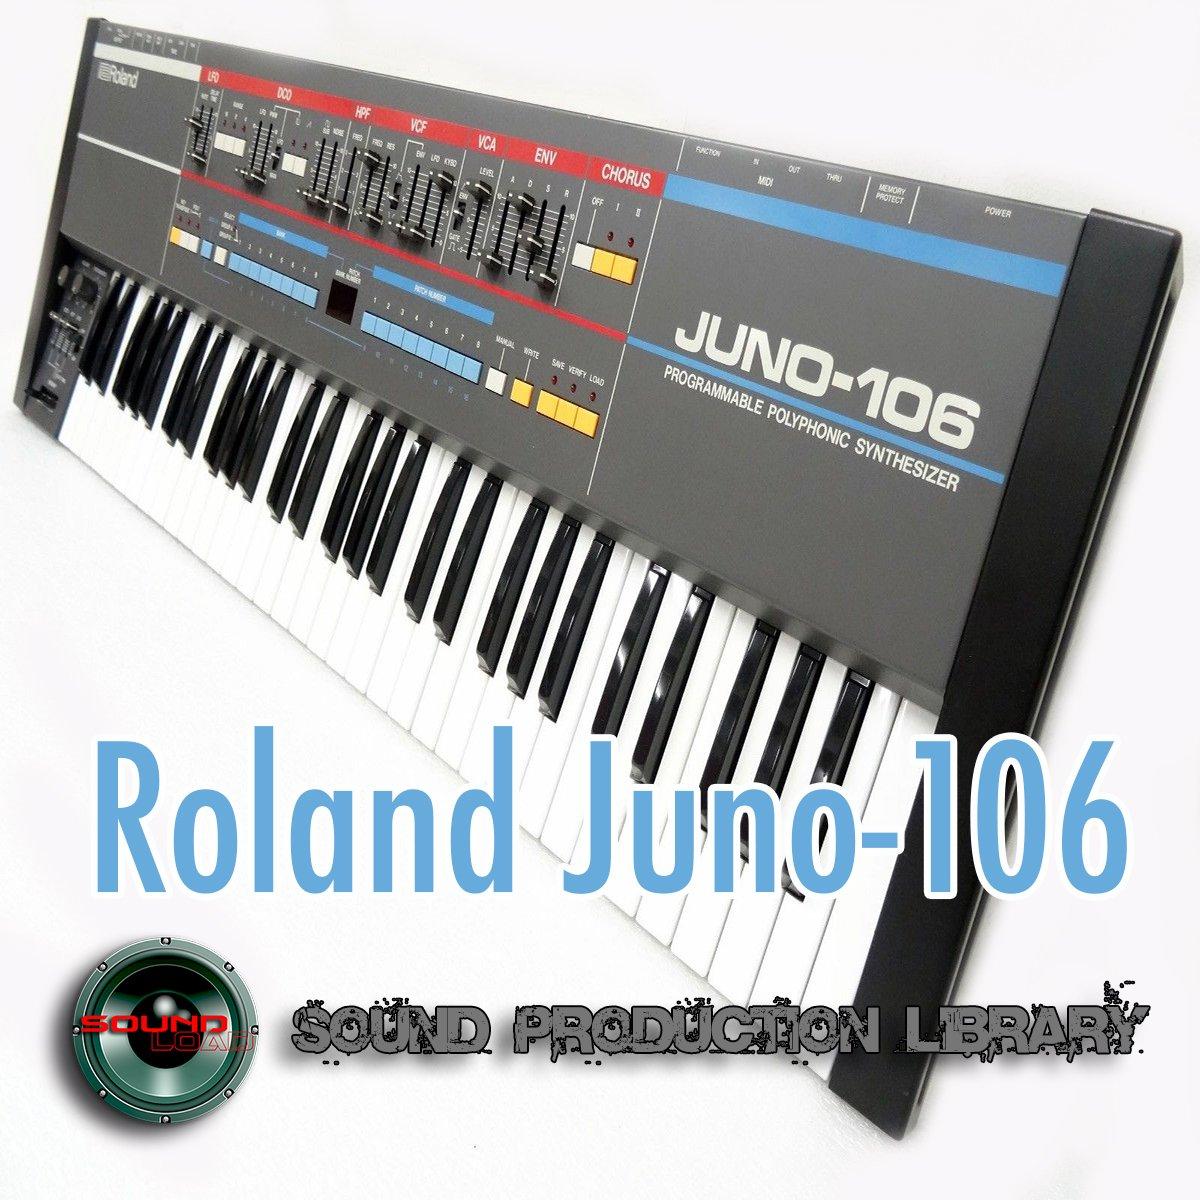 for Roland JUNO-106 - Large Original WAVE/Kontakt Samples Studio Library on DVD or download